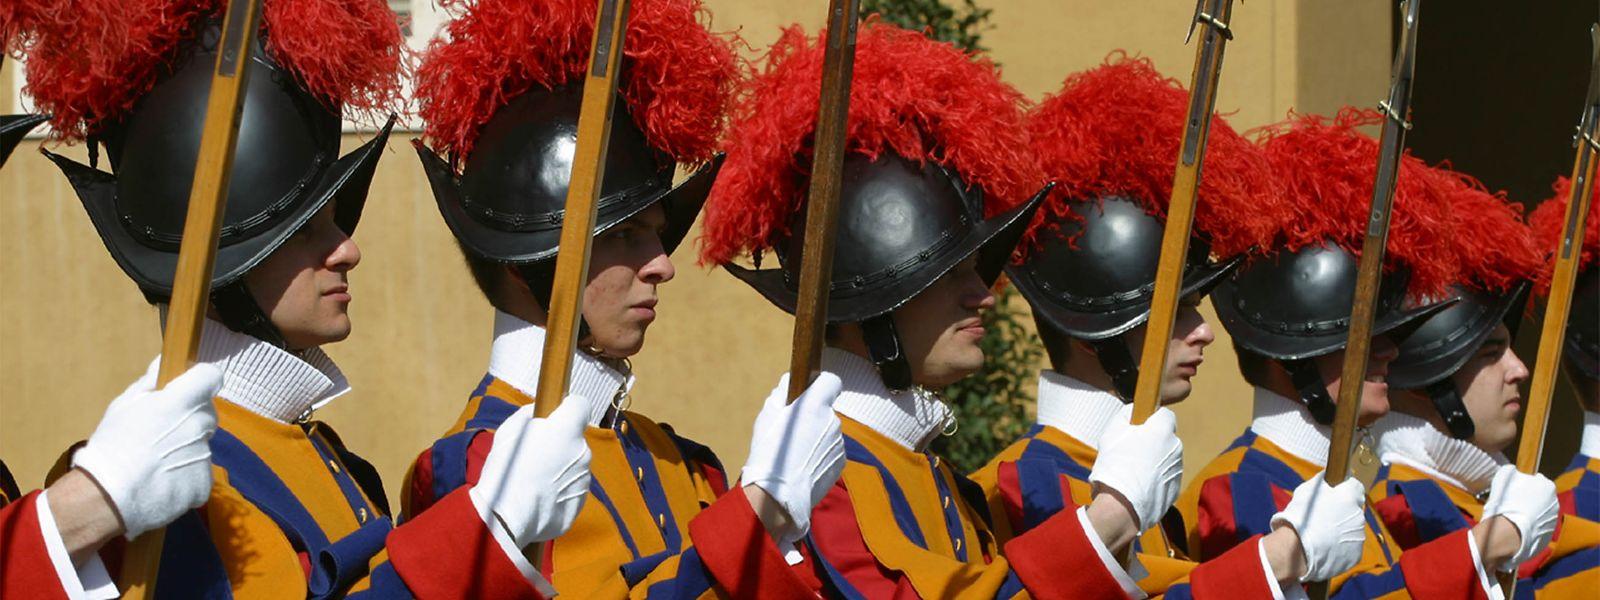 Die Schweizergarde im Vatikan ist ein beliebtes Fotomotiv für Millionen von Besuchern aus aller Welt.